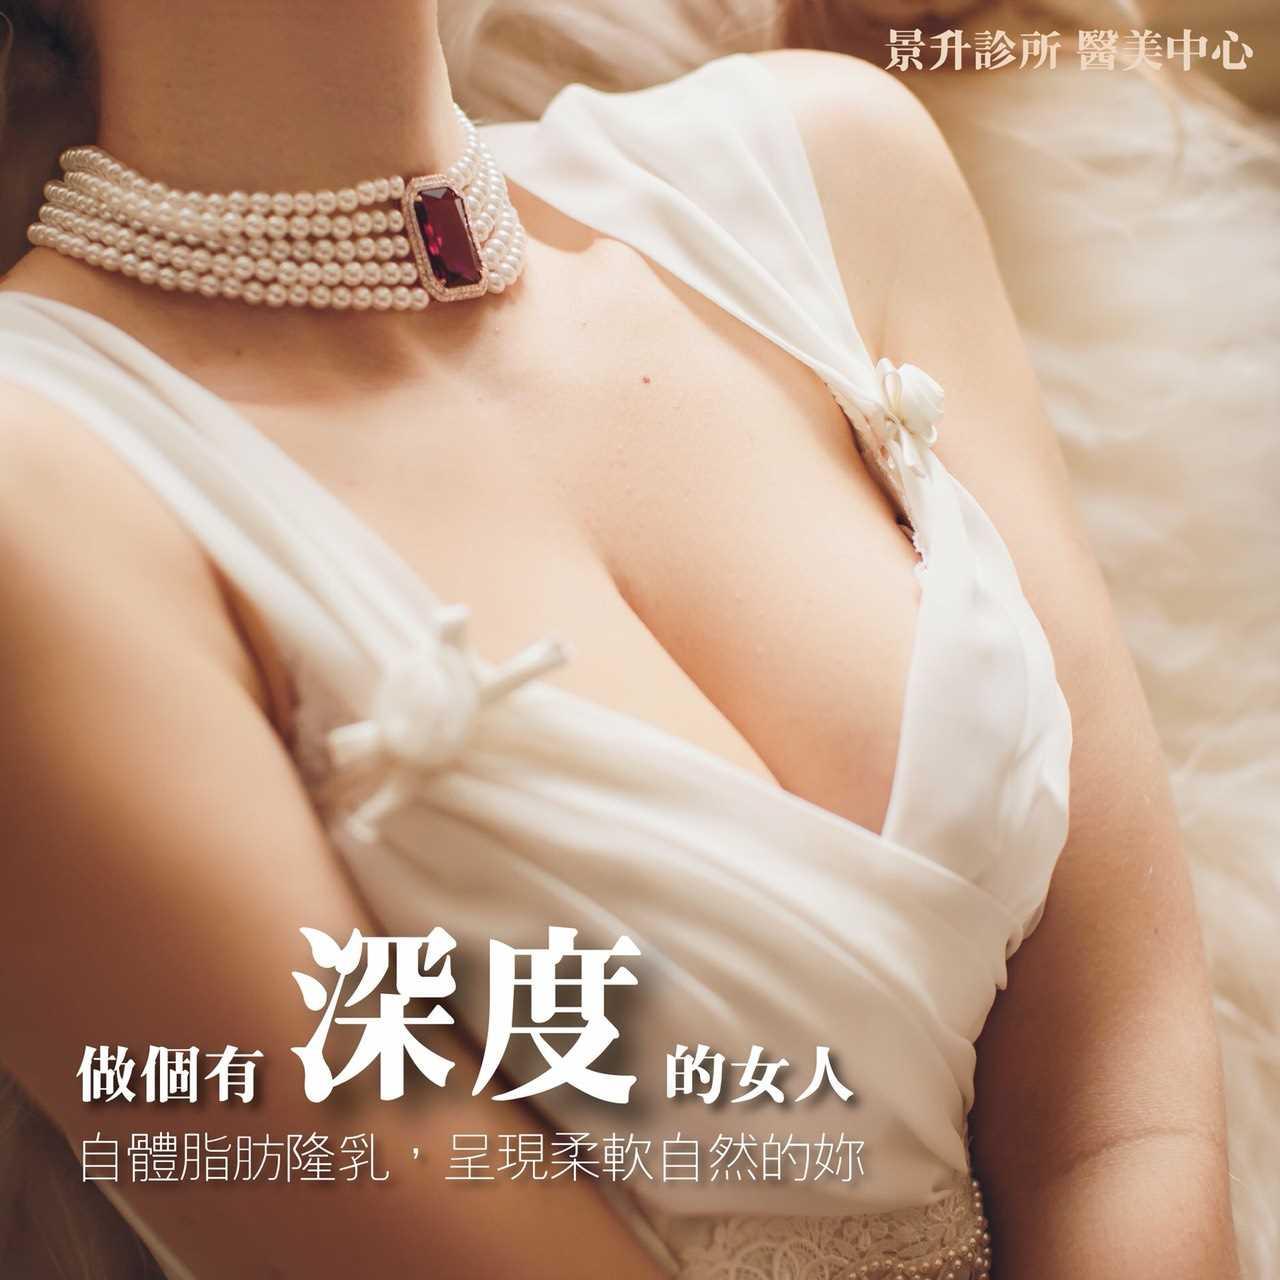 隆乳的最佳選擇-自體脂肪隆乳後也希望有美美的乳頭